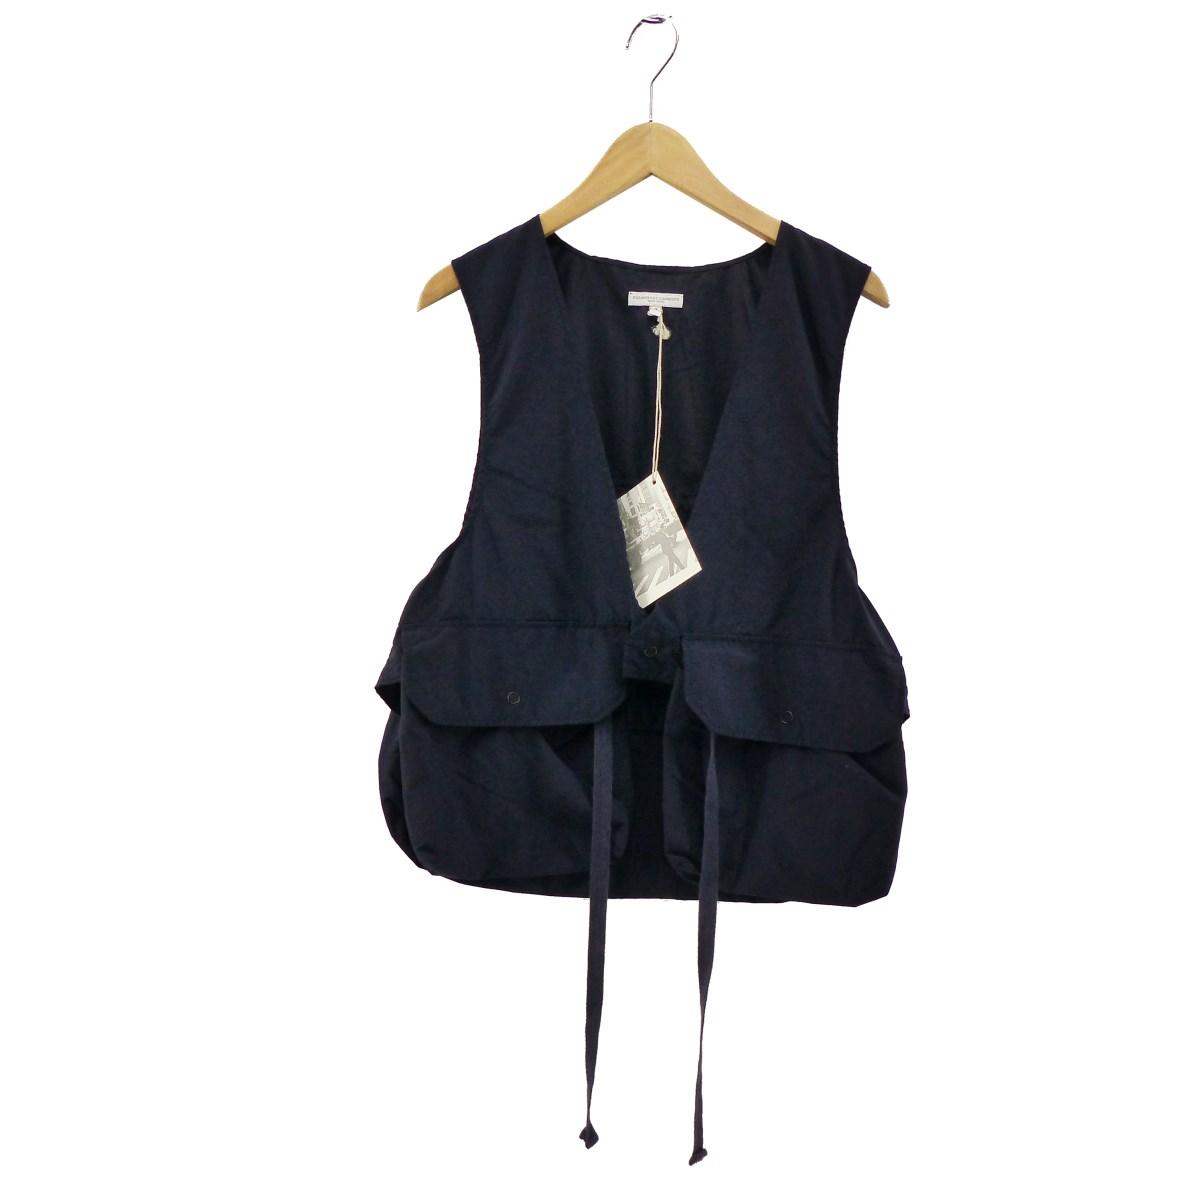 【中古】Engineered Garments2019SS Fowl vest ネイビー サイズ:S